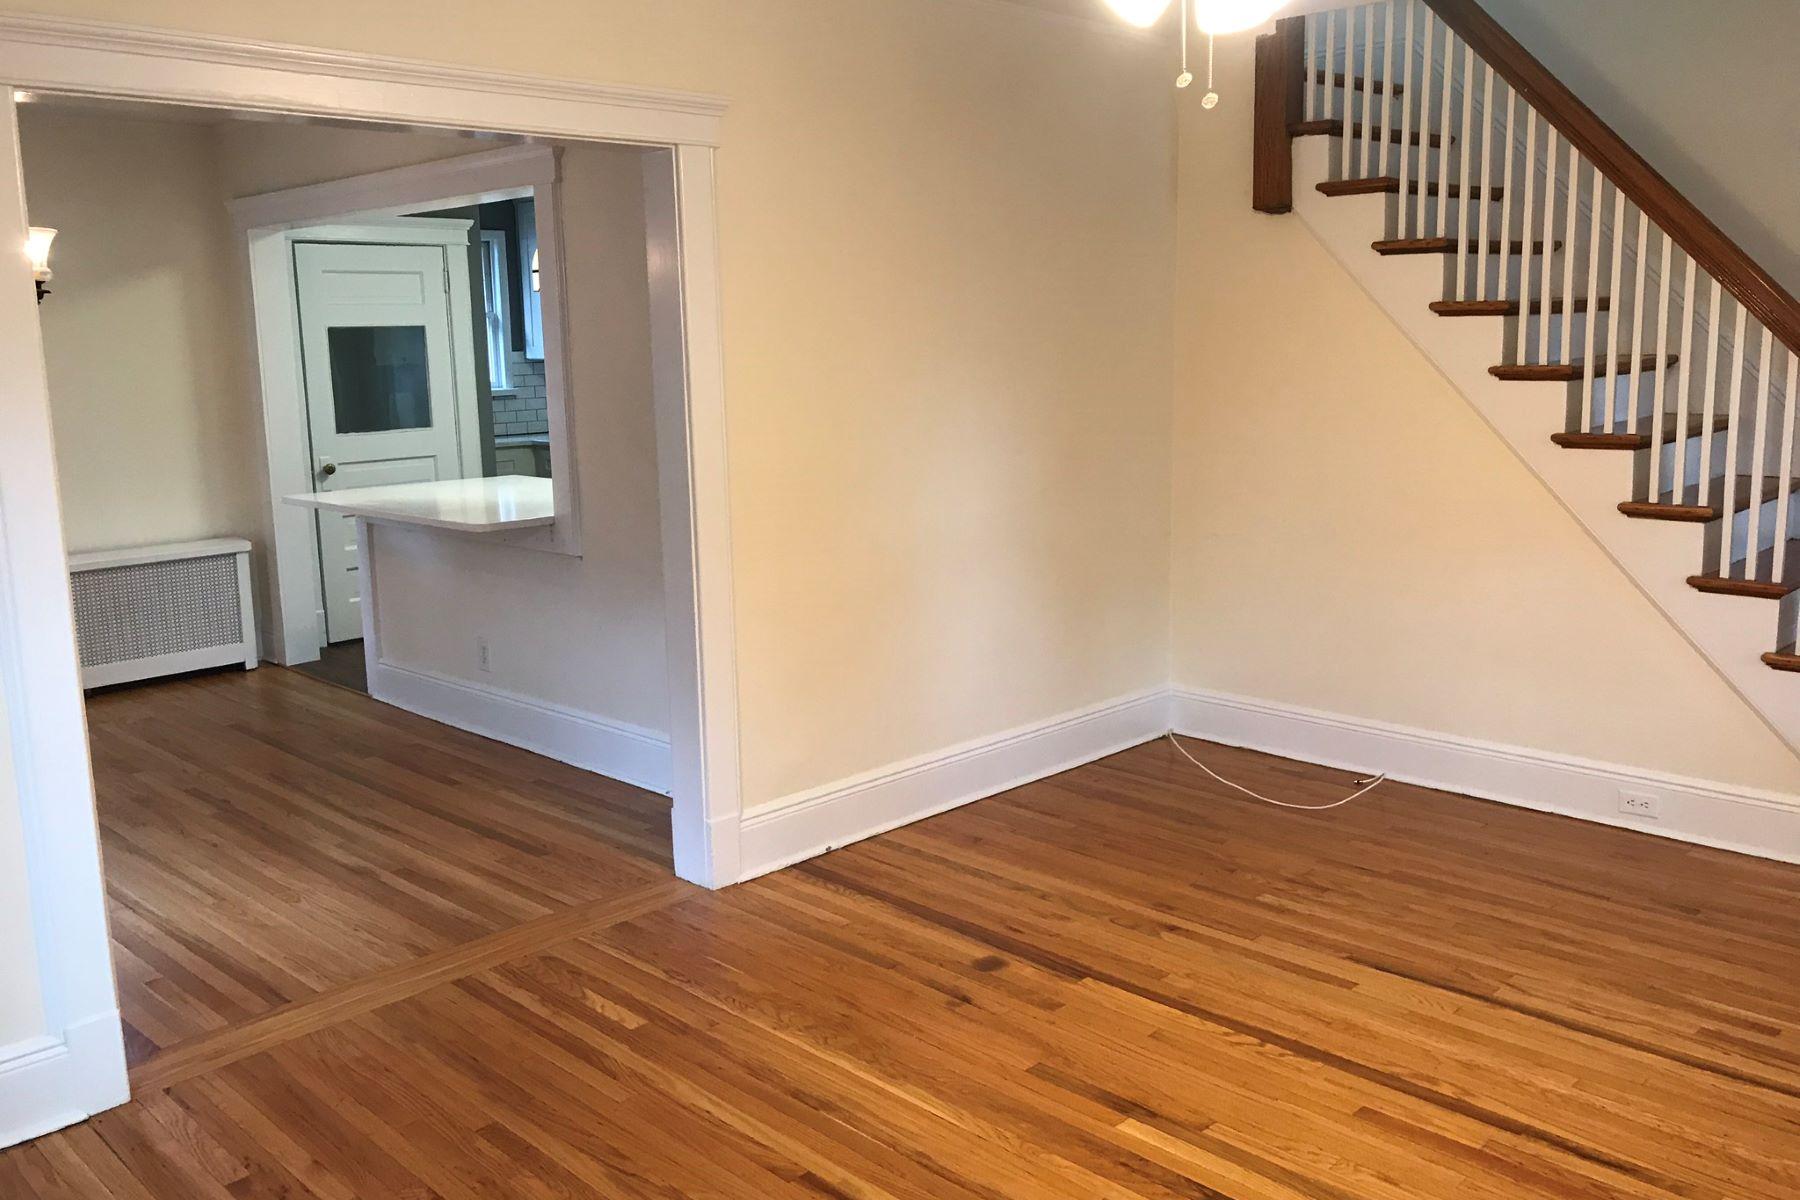 Additional photo for property listing at Port Washington 22 Herbert Ave, Port Washington, New York 11050 United States